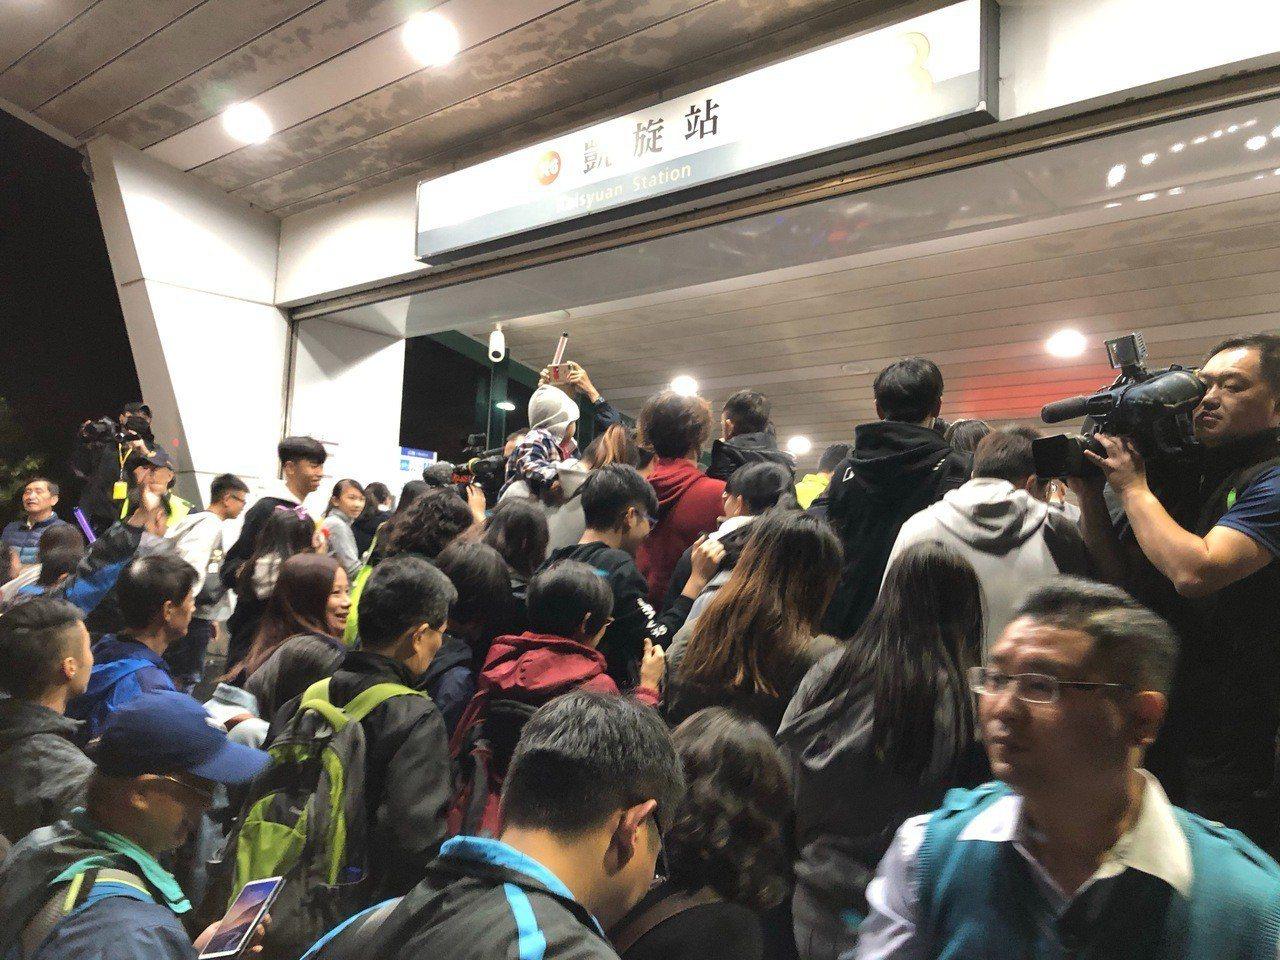 高雄捷運昨天全天運量不到40萬人次,夢時代跨年派對聲稱吸引80萬人次,高市府強調...